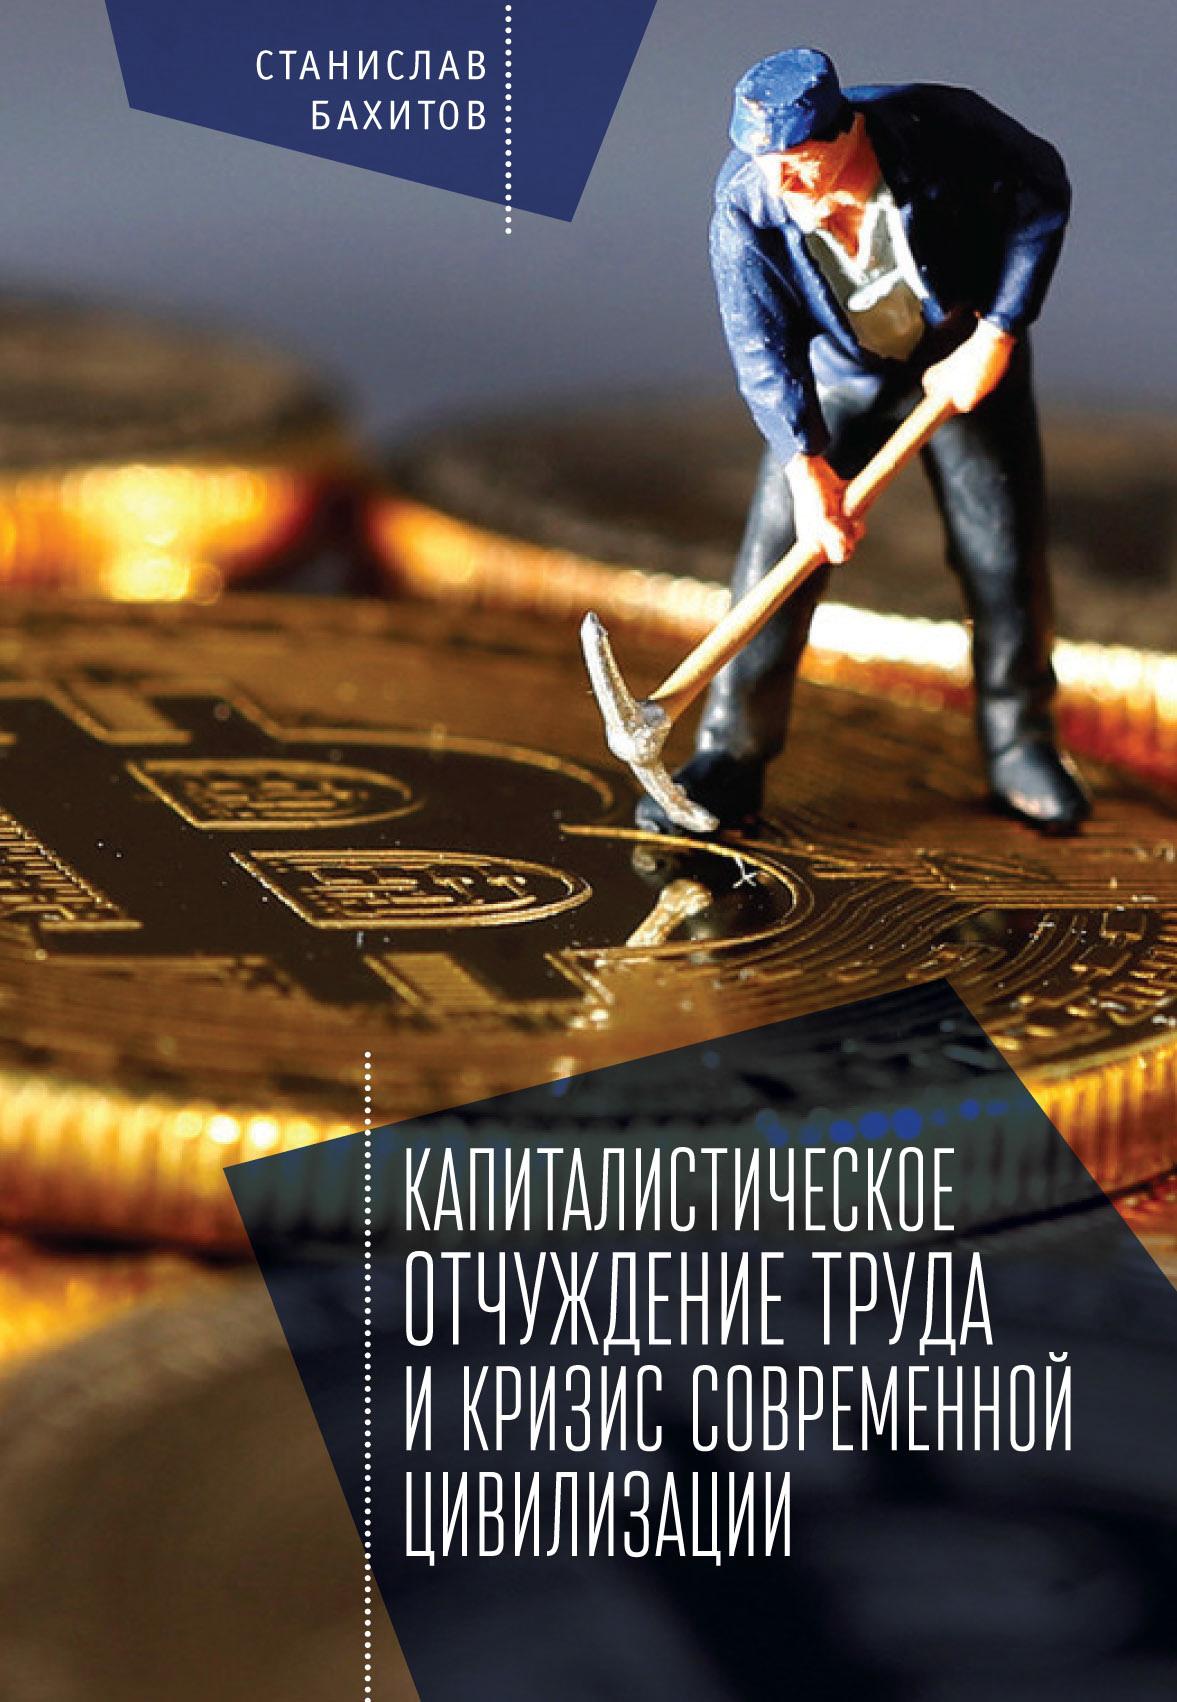 Книга Капиталистическое отчуждение труда и кризис современной цивилизации